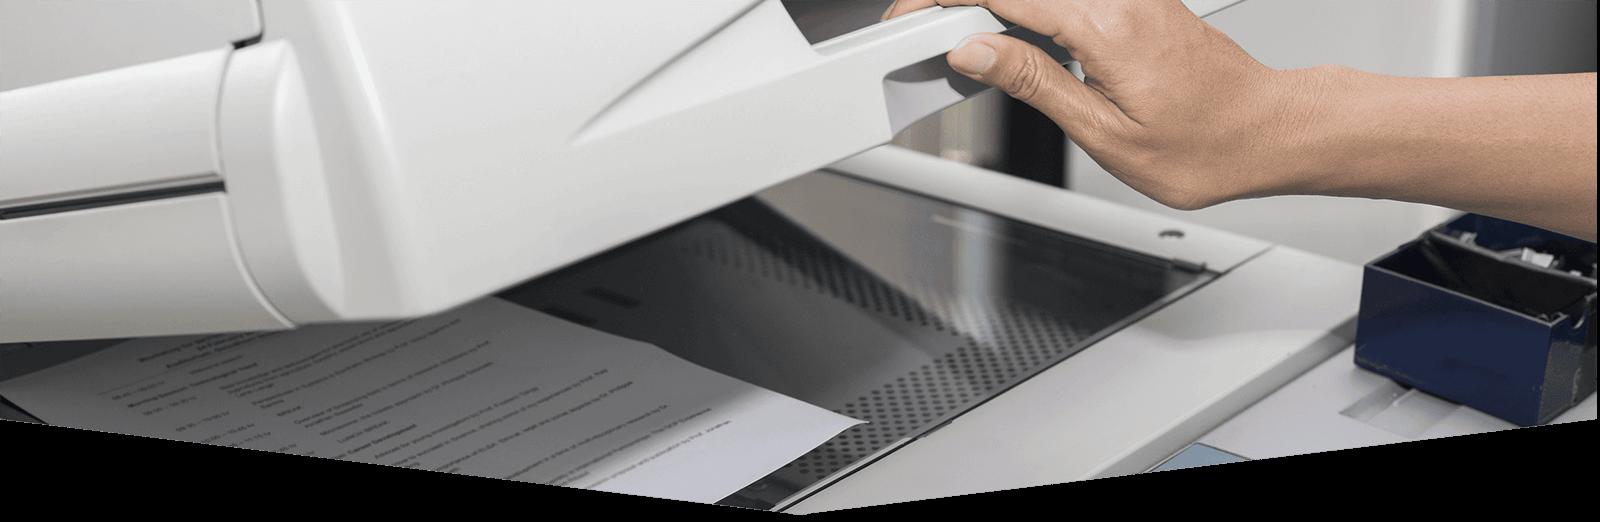 mano di donna che solleva il pannello superiore di una stampante